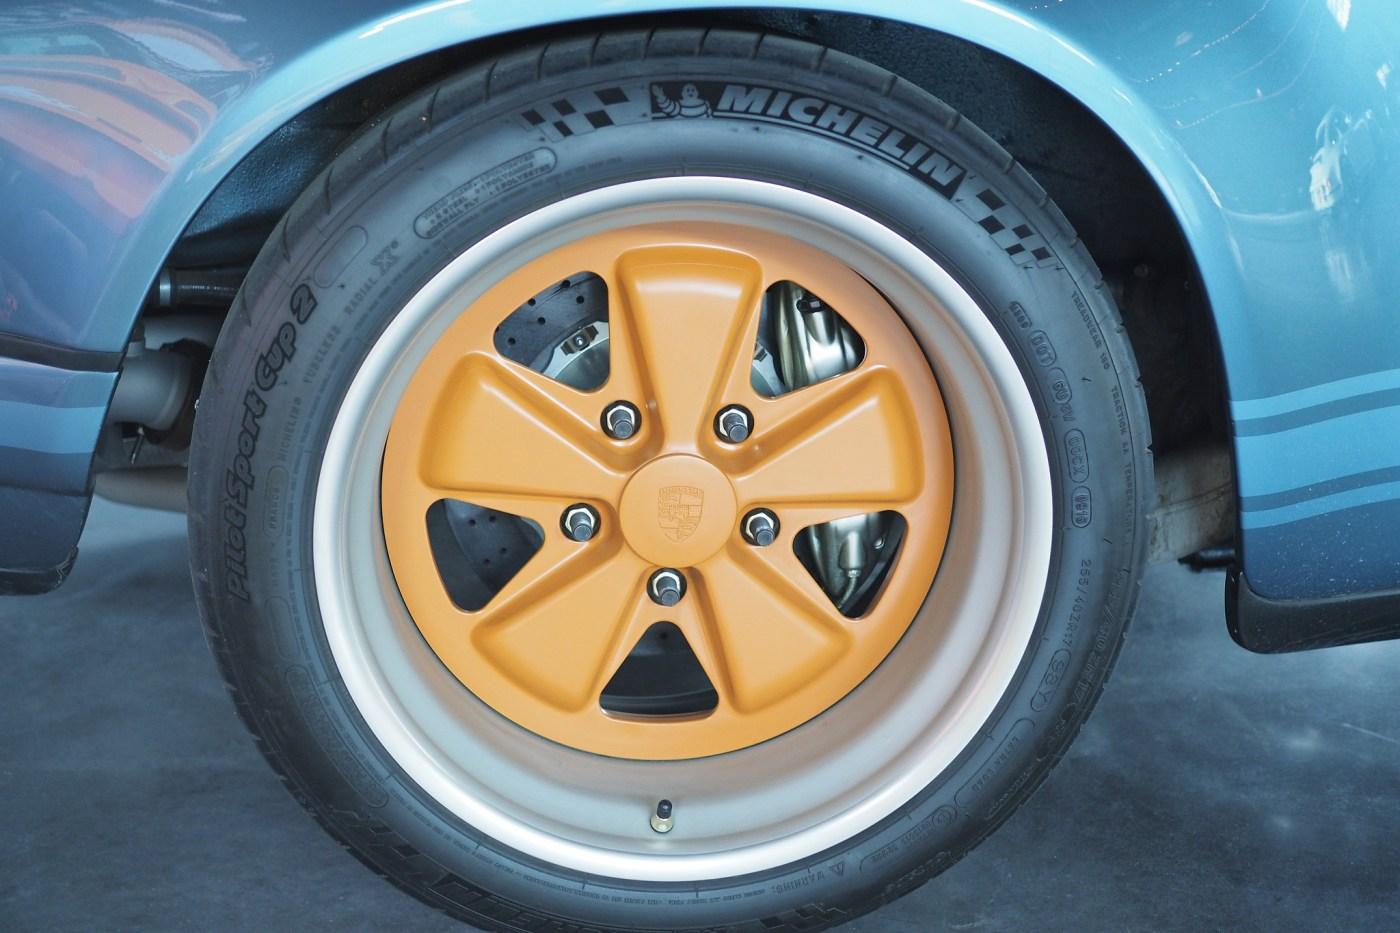 Singer Porsche 911 wheel